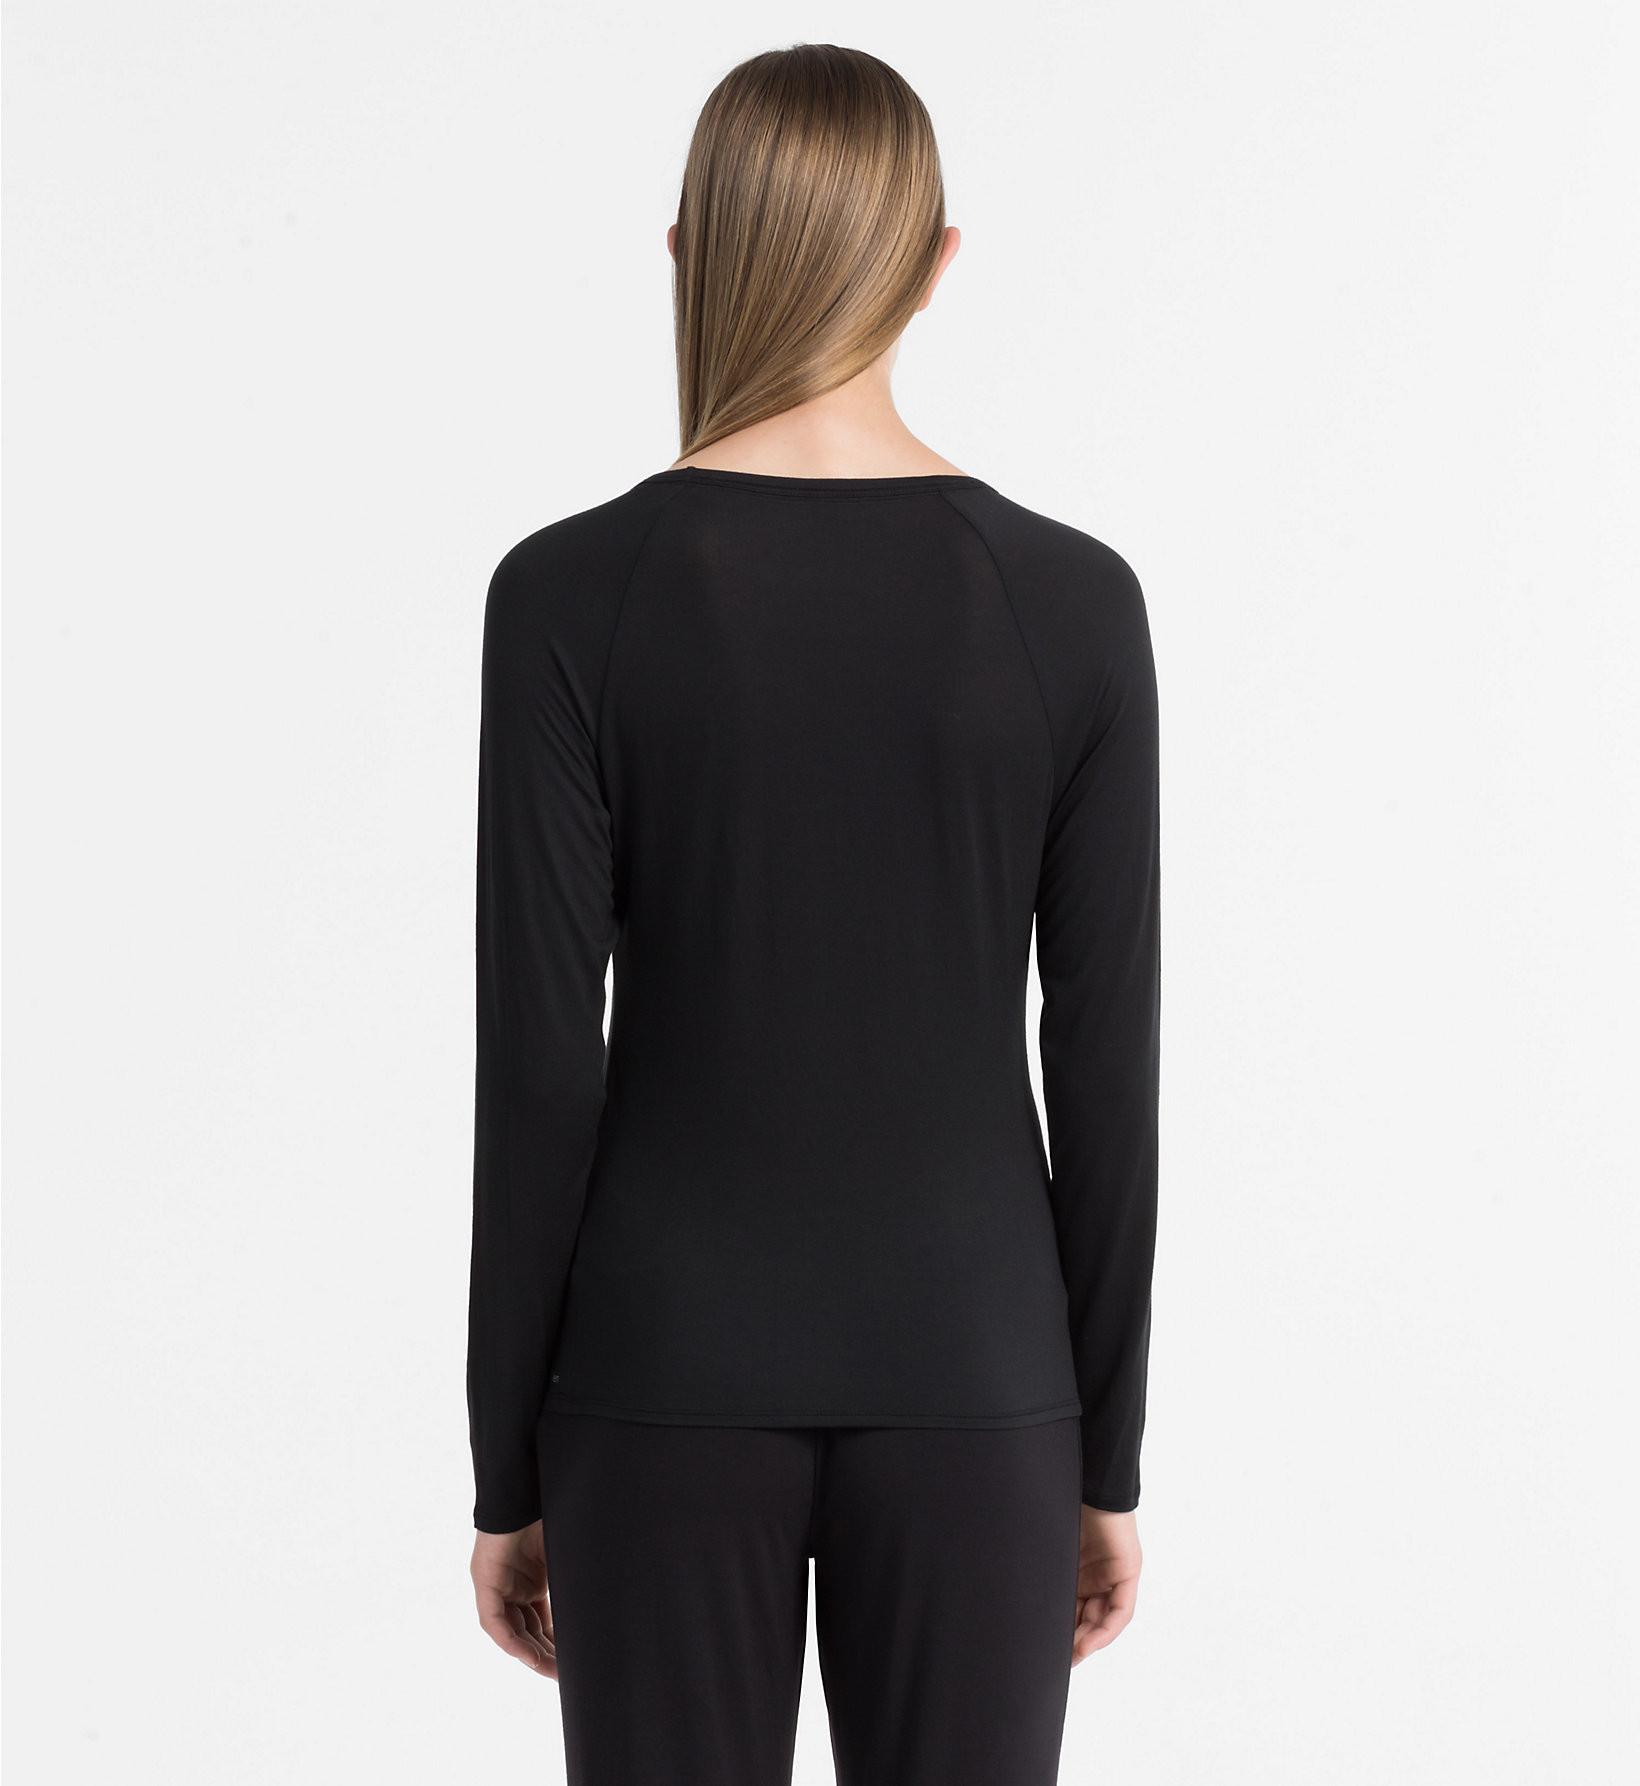 Dámské tričko QS5493E černá - Calvin Klein Barva: černá, Velikost: L